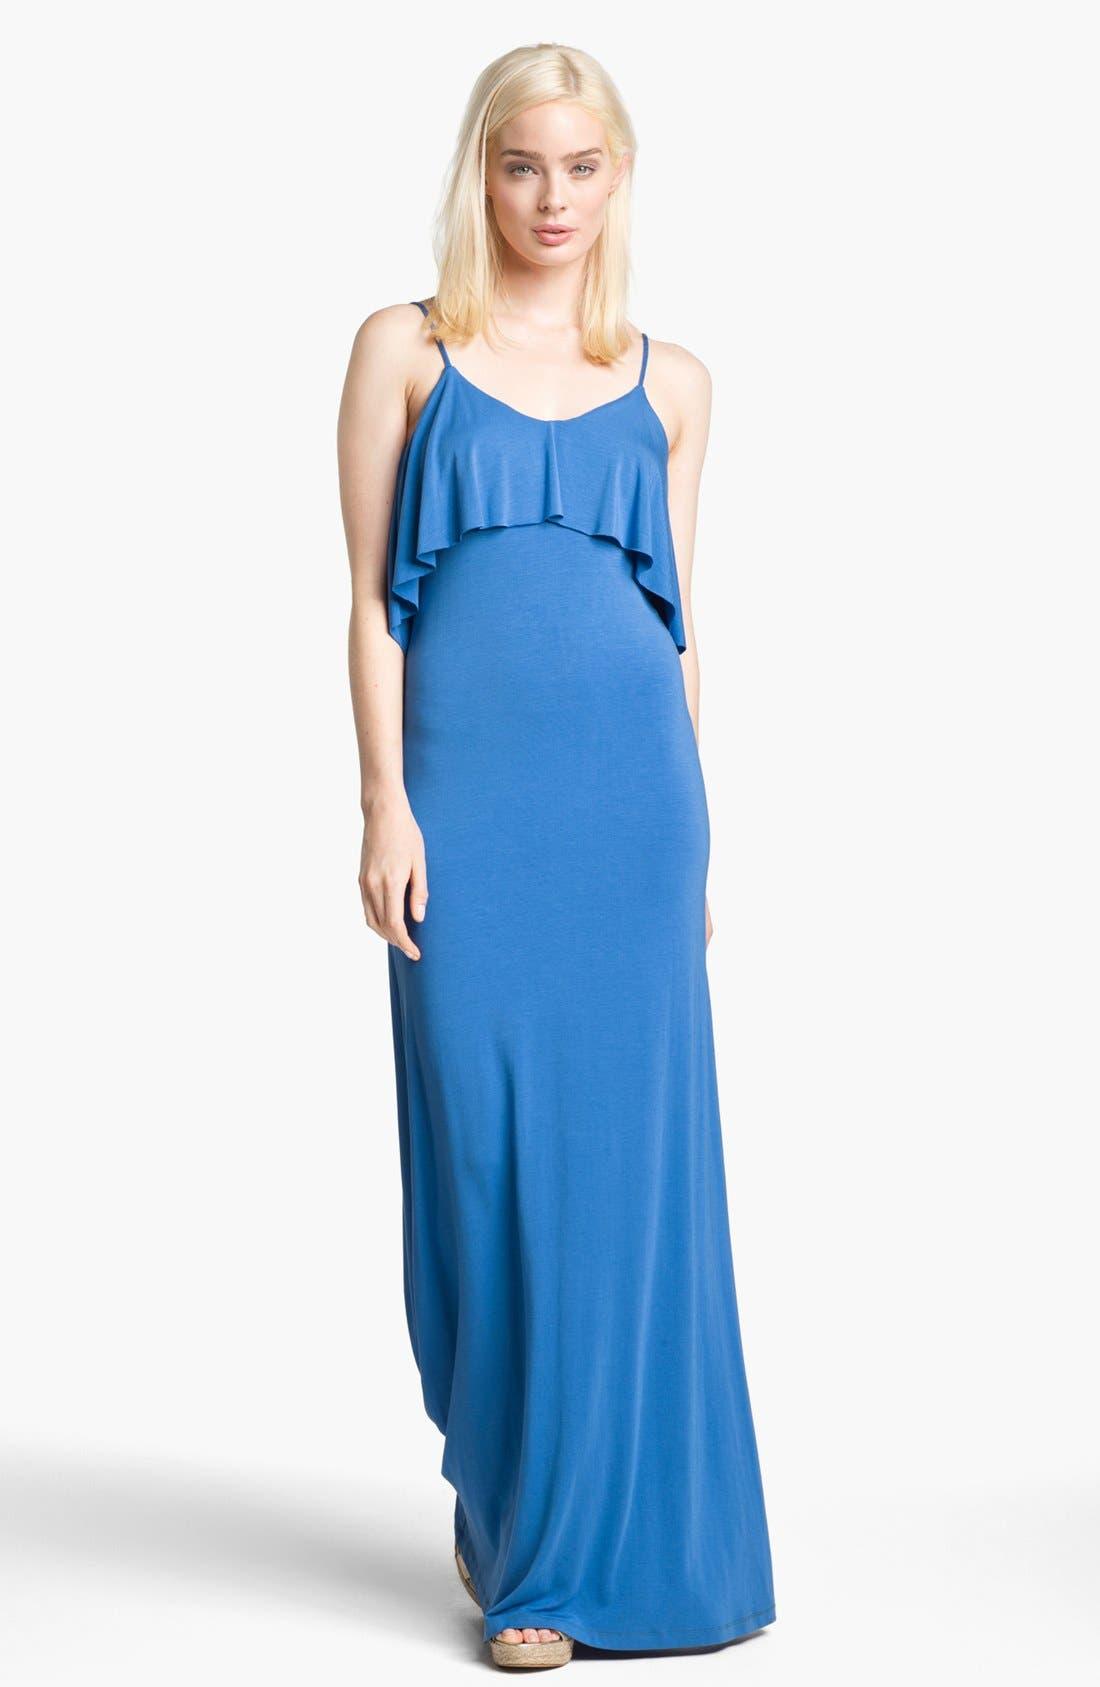 Alternate Image 1 Selected - Tart 'Geni' Ruffled Maxi Dress